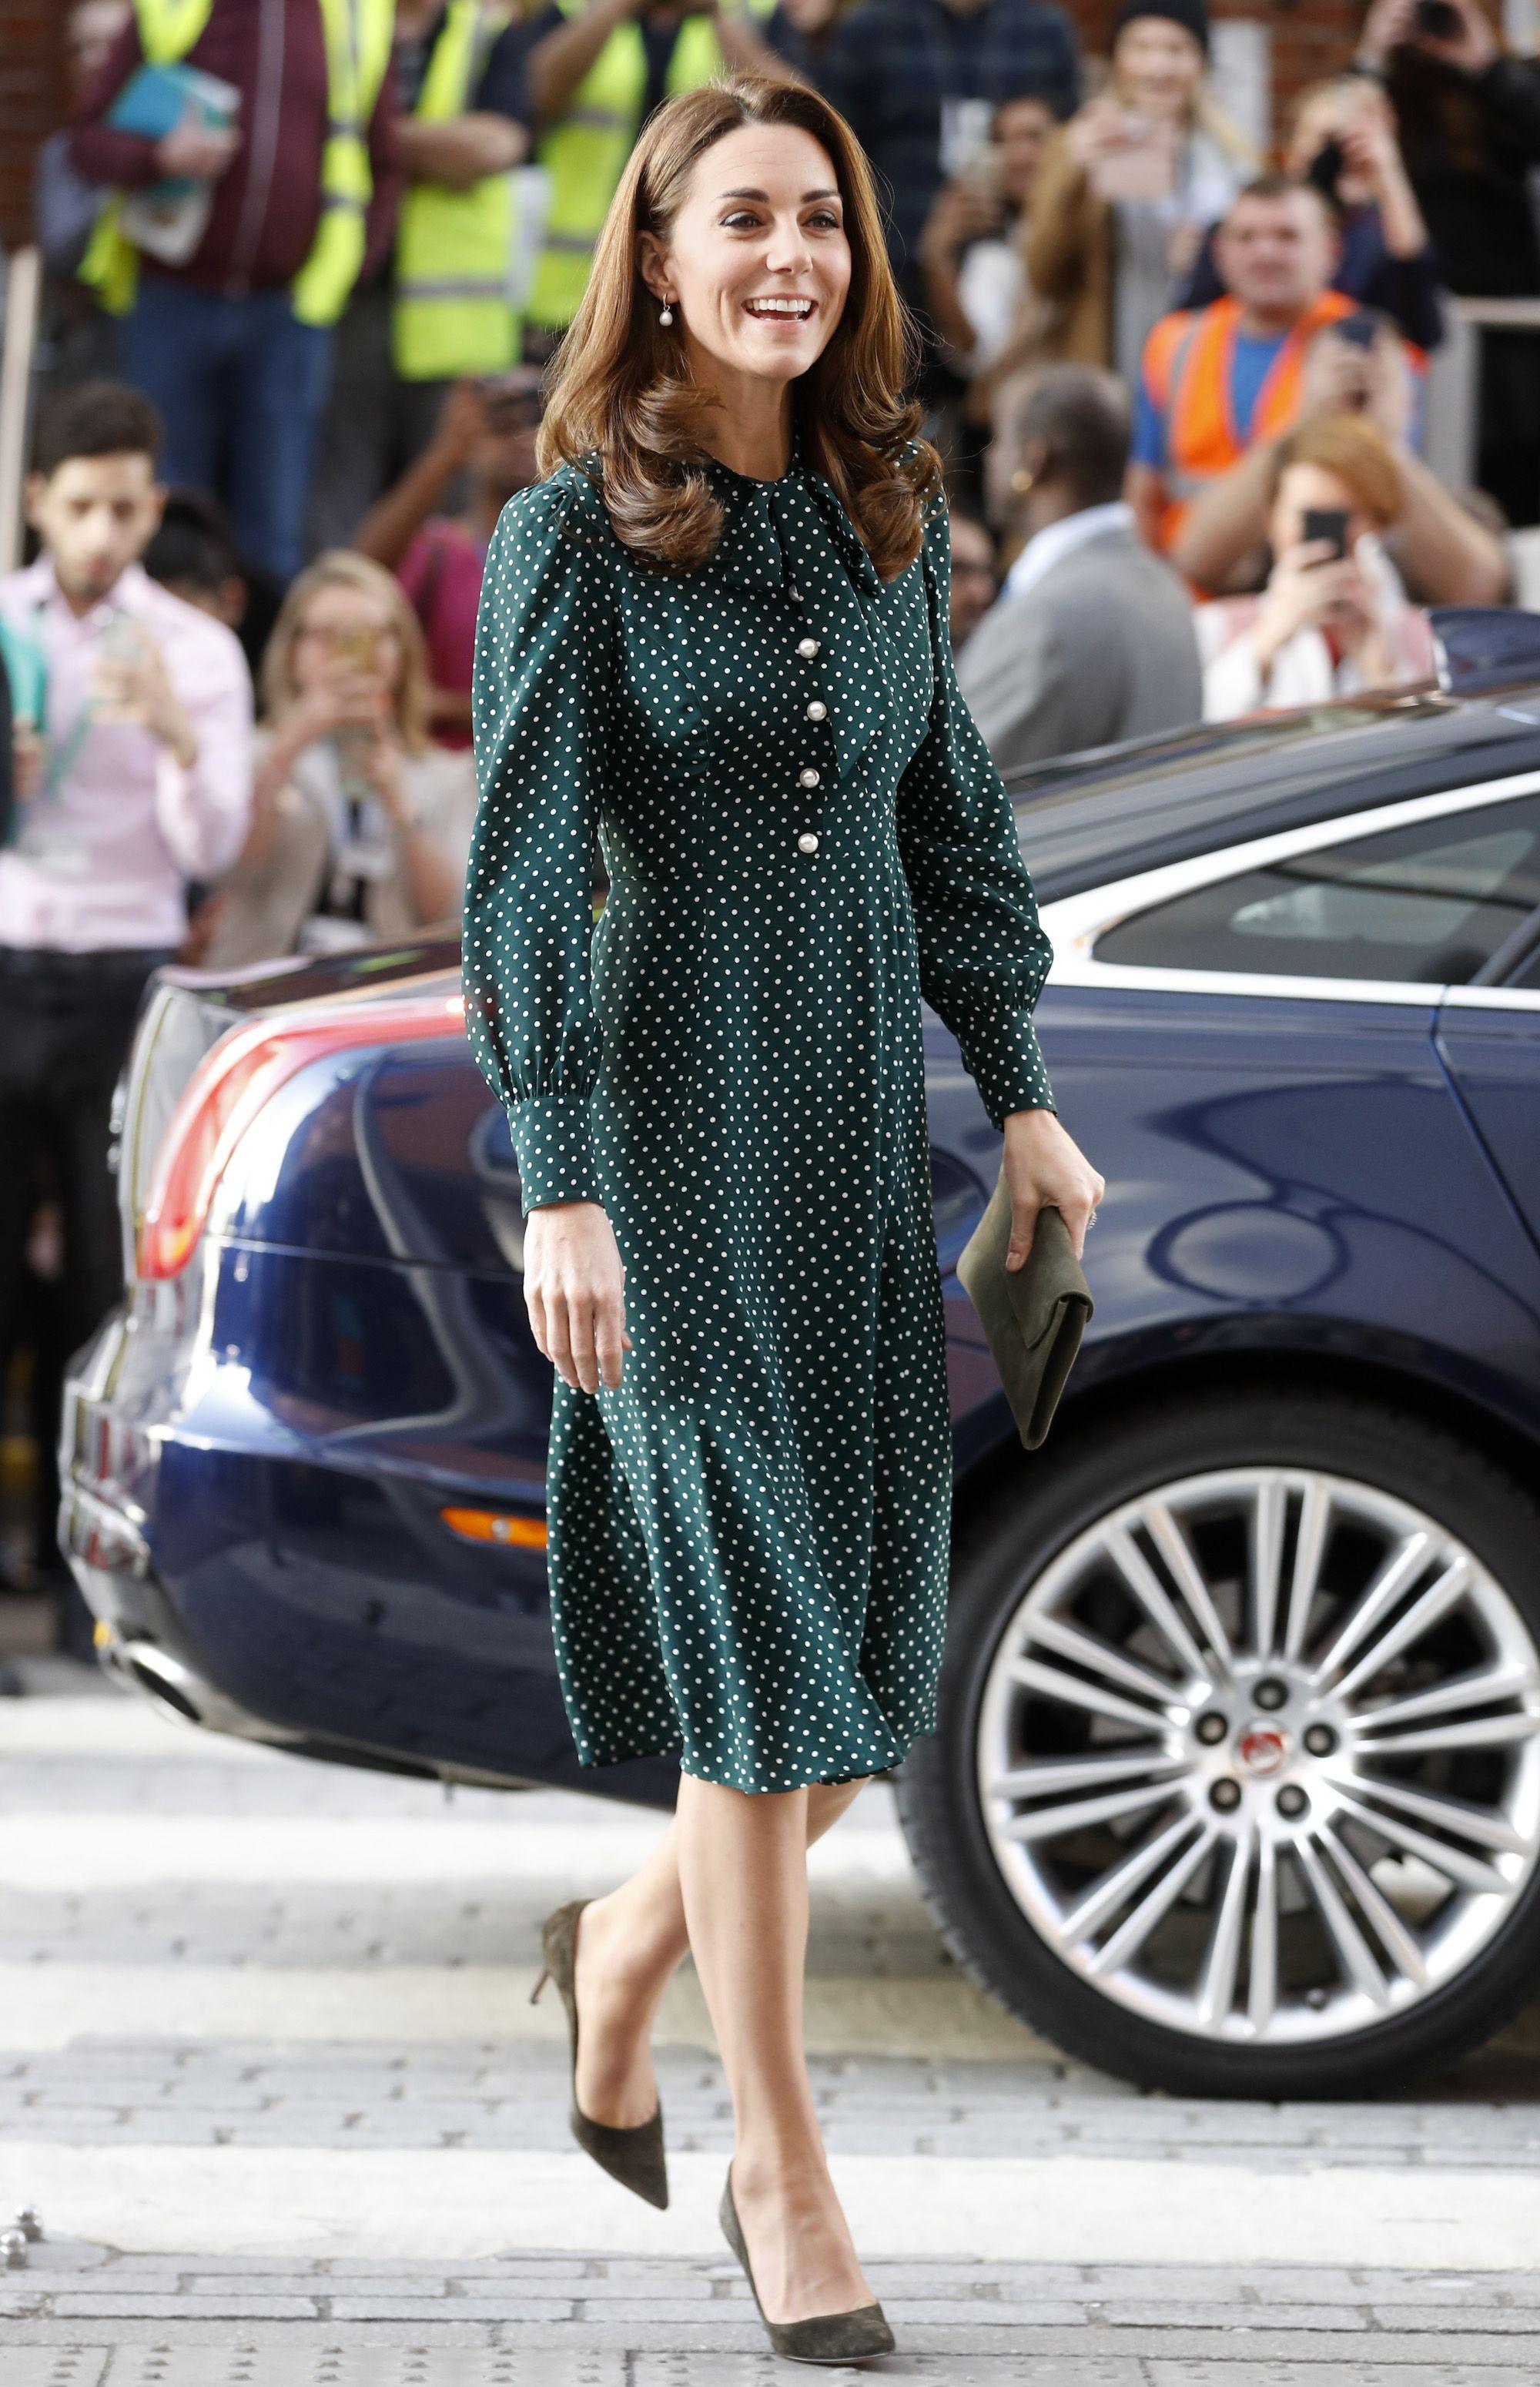 ba490da1aa86 Kate Middleton's Green Polkadot Dress from L.K.Bennett Looked so Festive at  Evelina London Children's Hospital